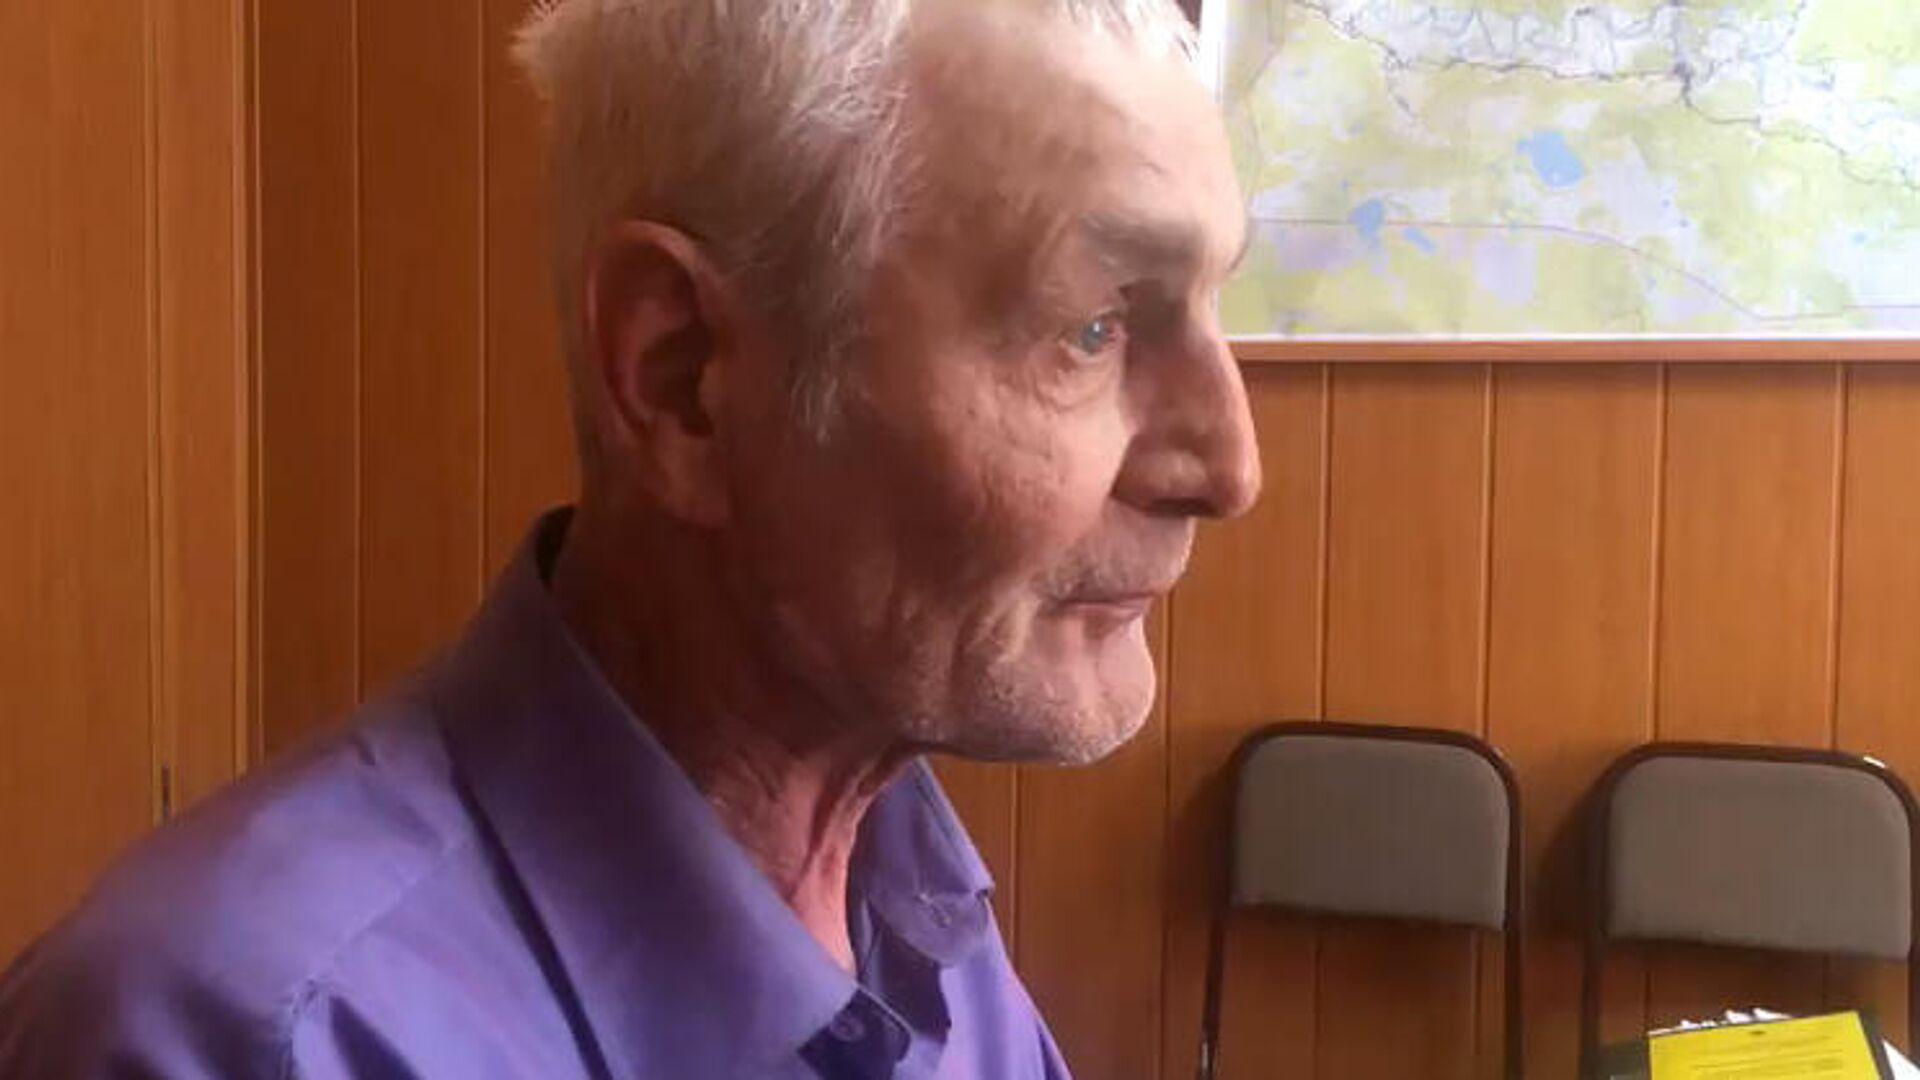 Житель Тевриза, обвиняемый в убийстве ветерана Великой Отечественной войны  - РИА Новости, 1920, 03.11.2020